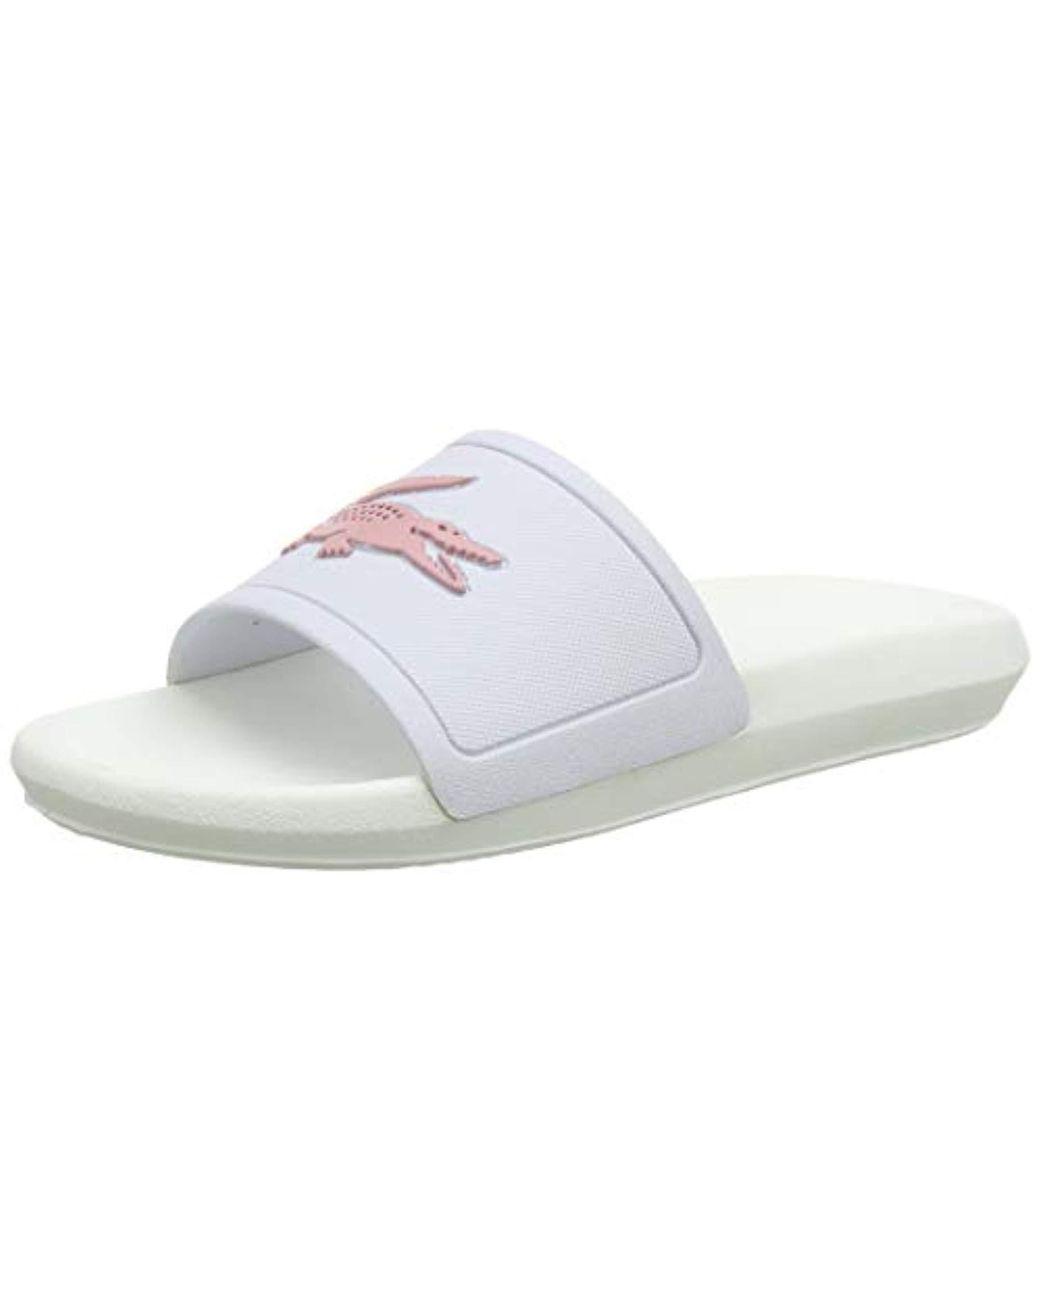 9a4914068 Lacoste. Women s  s Croco Slide 119 3 Cfa Open Toe Sandals